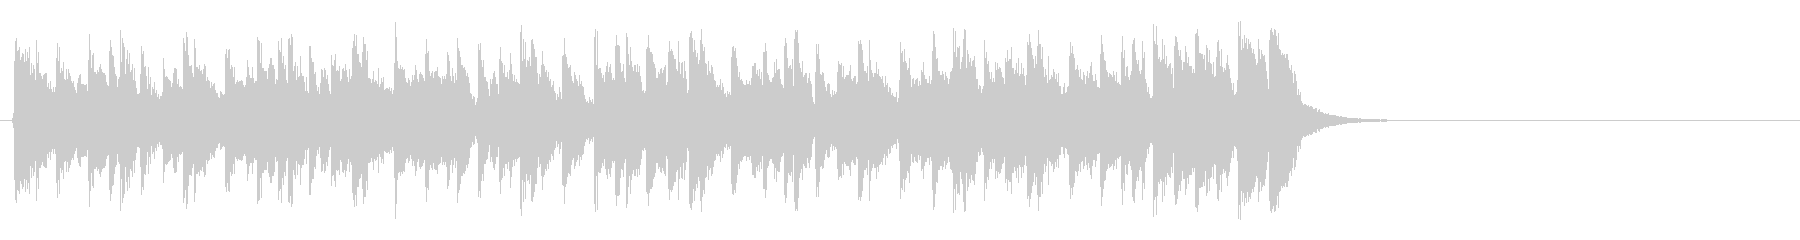 リラックスなフュージョン(サビ)の未再生の波形